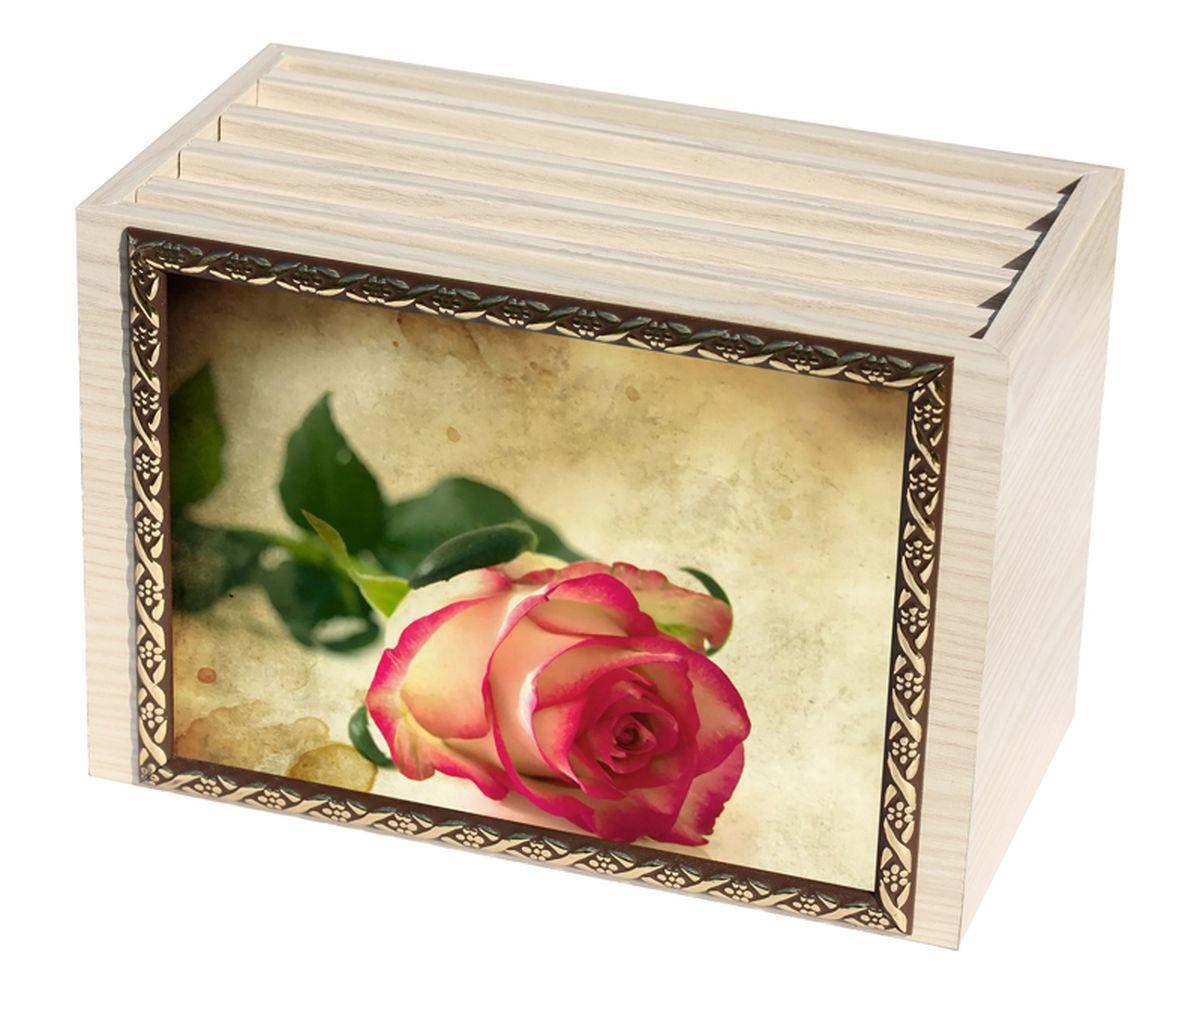 Фотобокс Milarte, 96 фотографий, 16 х 9 х 22 см. FBVD-119002FBVD-119002Фотобокс Milarte поможет аккуратно и стильно хранить ваши фотографии. Фотобокс выполнен из МДФ цвета выбеленный дуб. Изображение нанесено с лицевой стороны на корпус и обрамлено пластиковой рамкой с узором. Фотобокс содержит 4 вынимающиеся вкладки с ПВХ-карманами для фото, по 24 штуки каждая. Стильный и красивый фотобокс не только отлично дополнит интерьер, но и станет чудесным подарком к любому случаю, который обязательно порадует получателя. Размер изображения: 16 х 11 см.